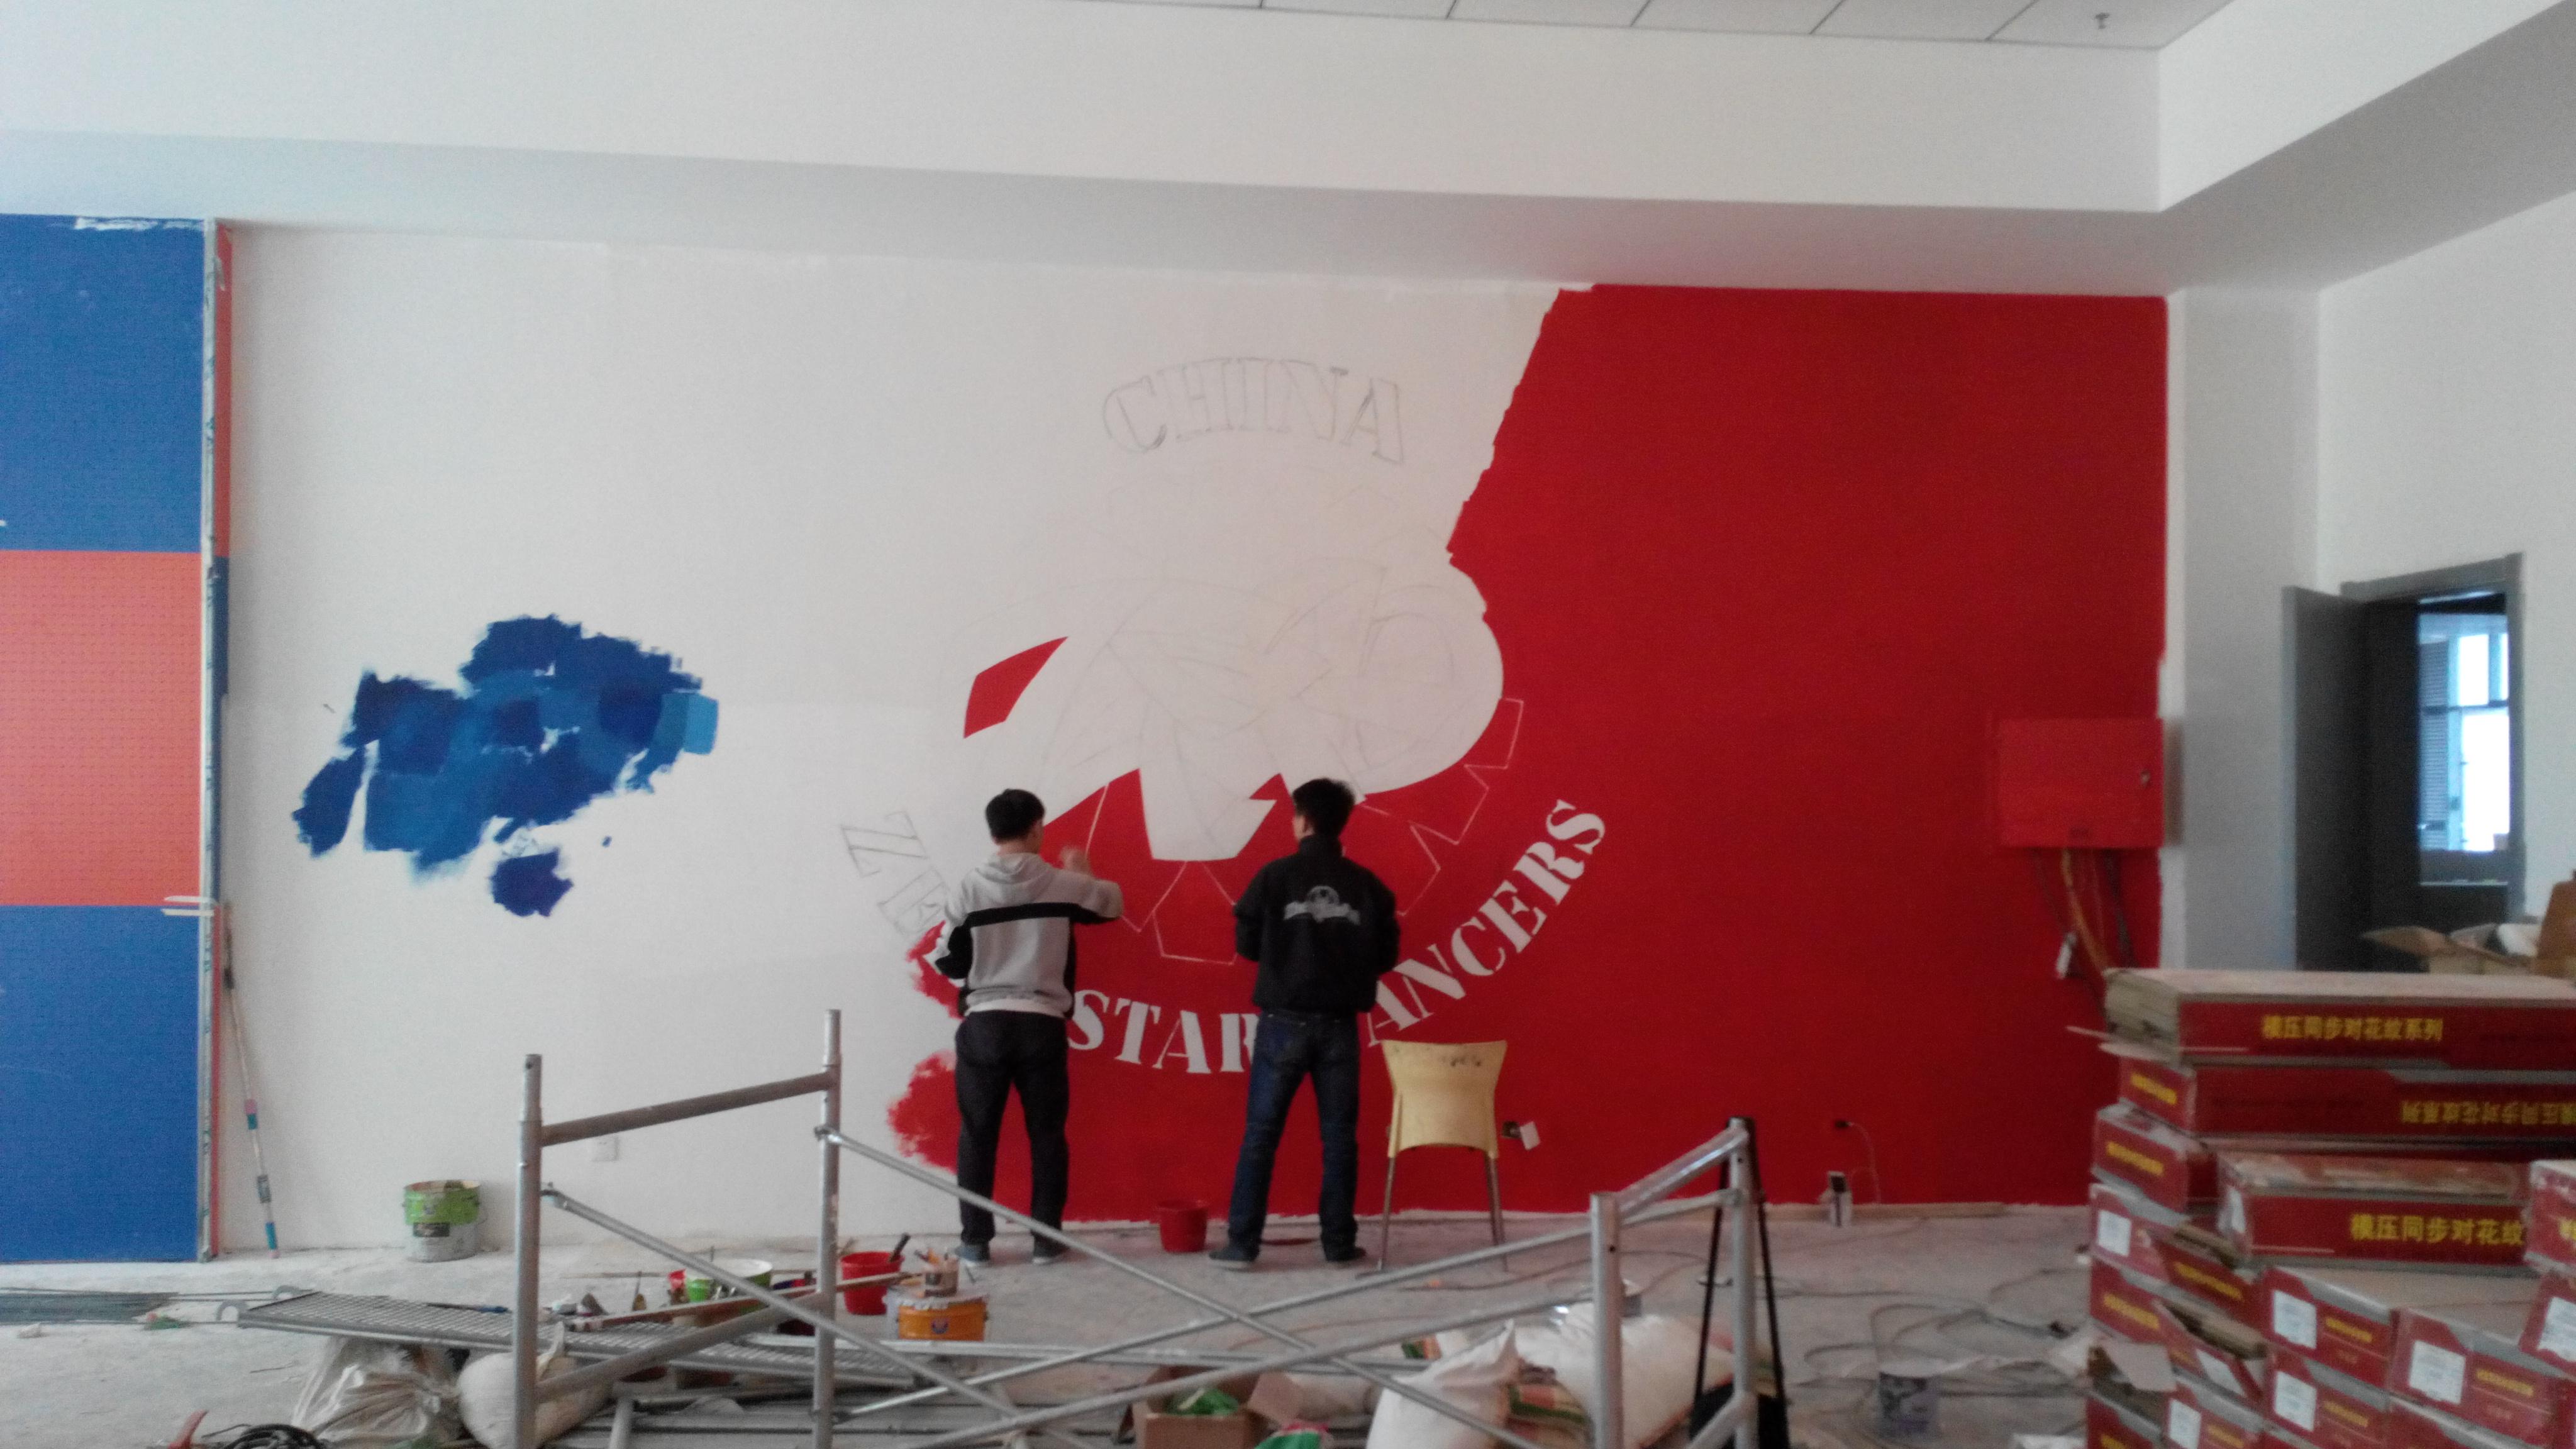 青岛绘美时尚装饰工程有限公司墙绘案例分享6